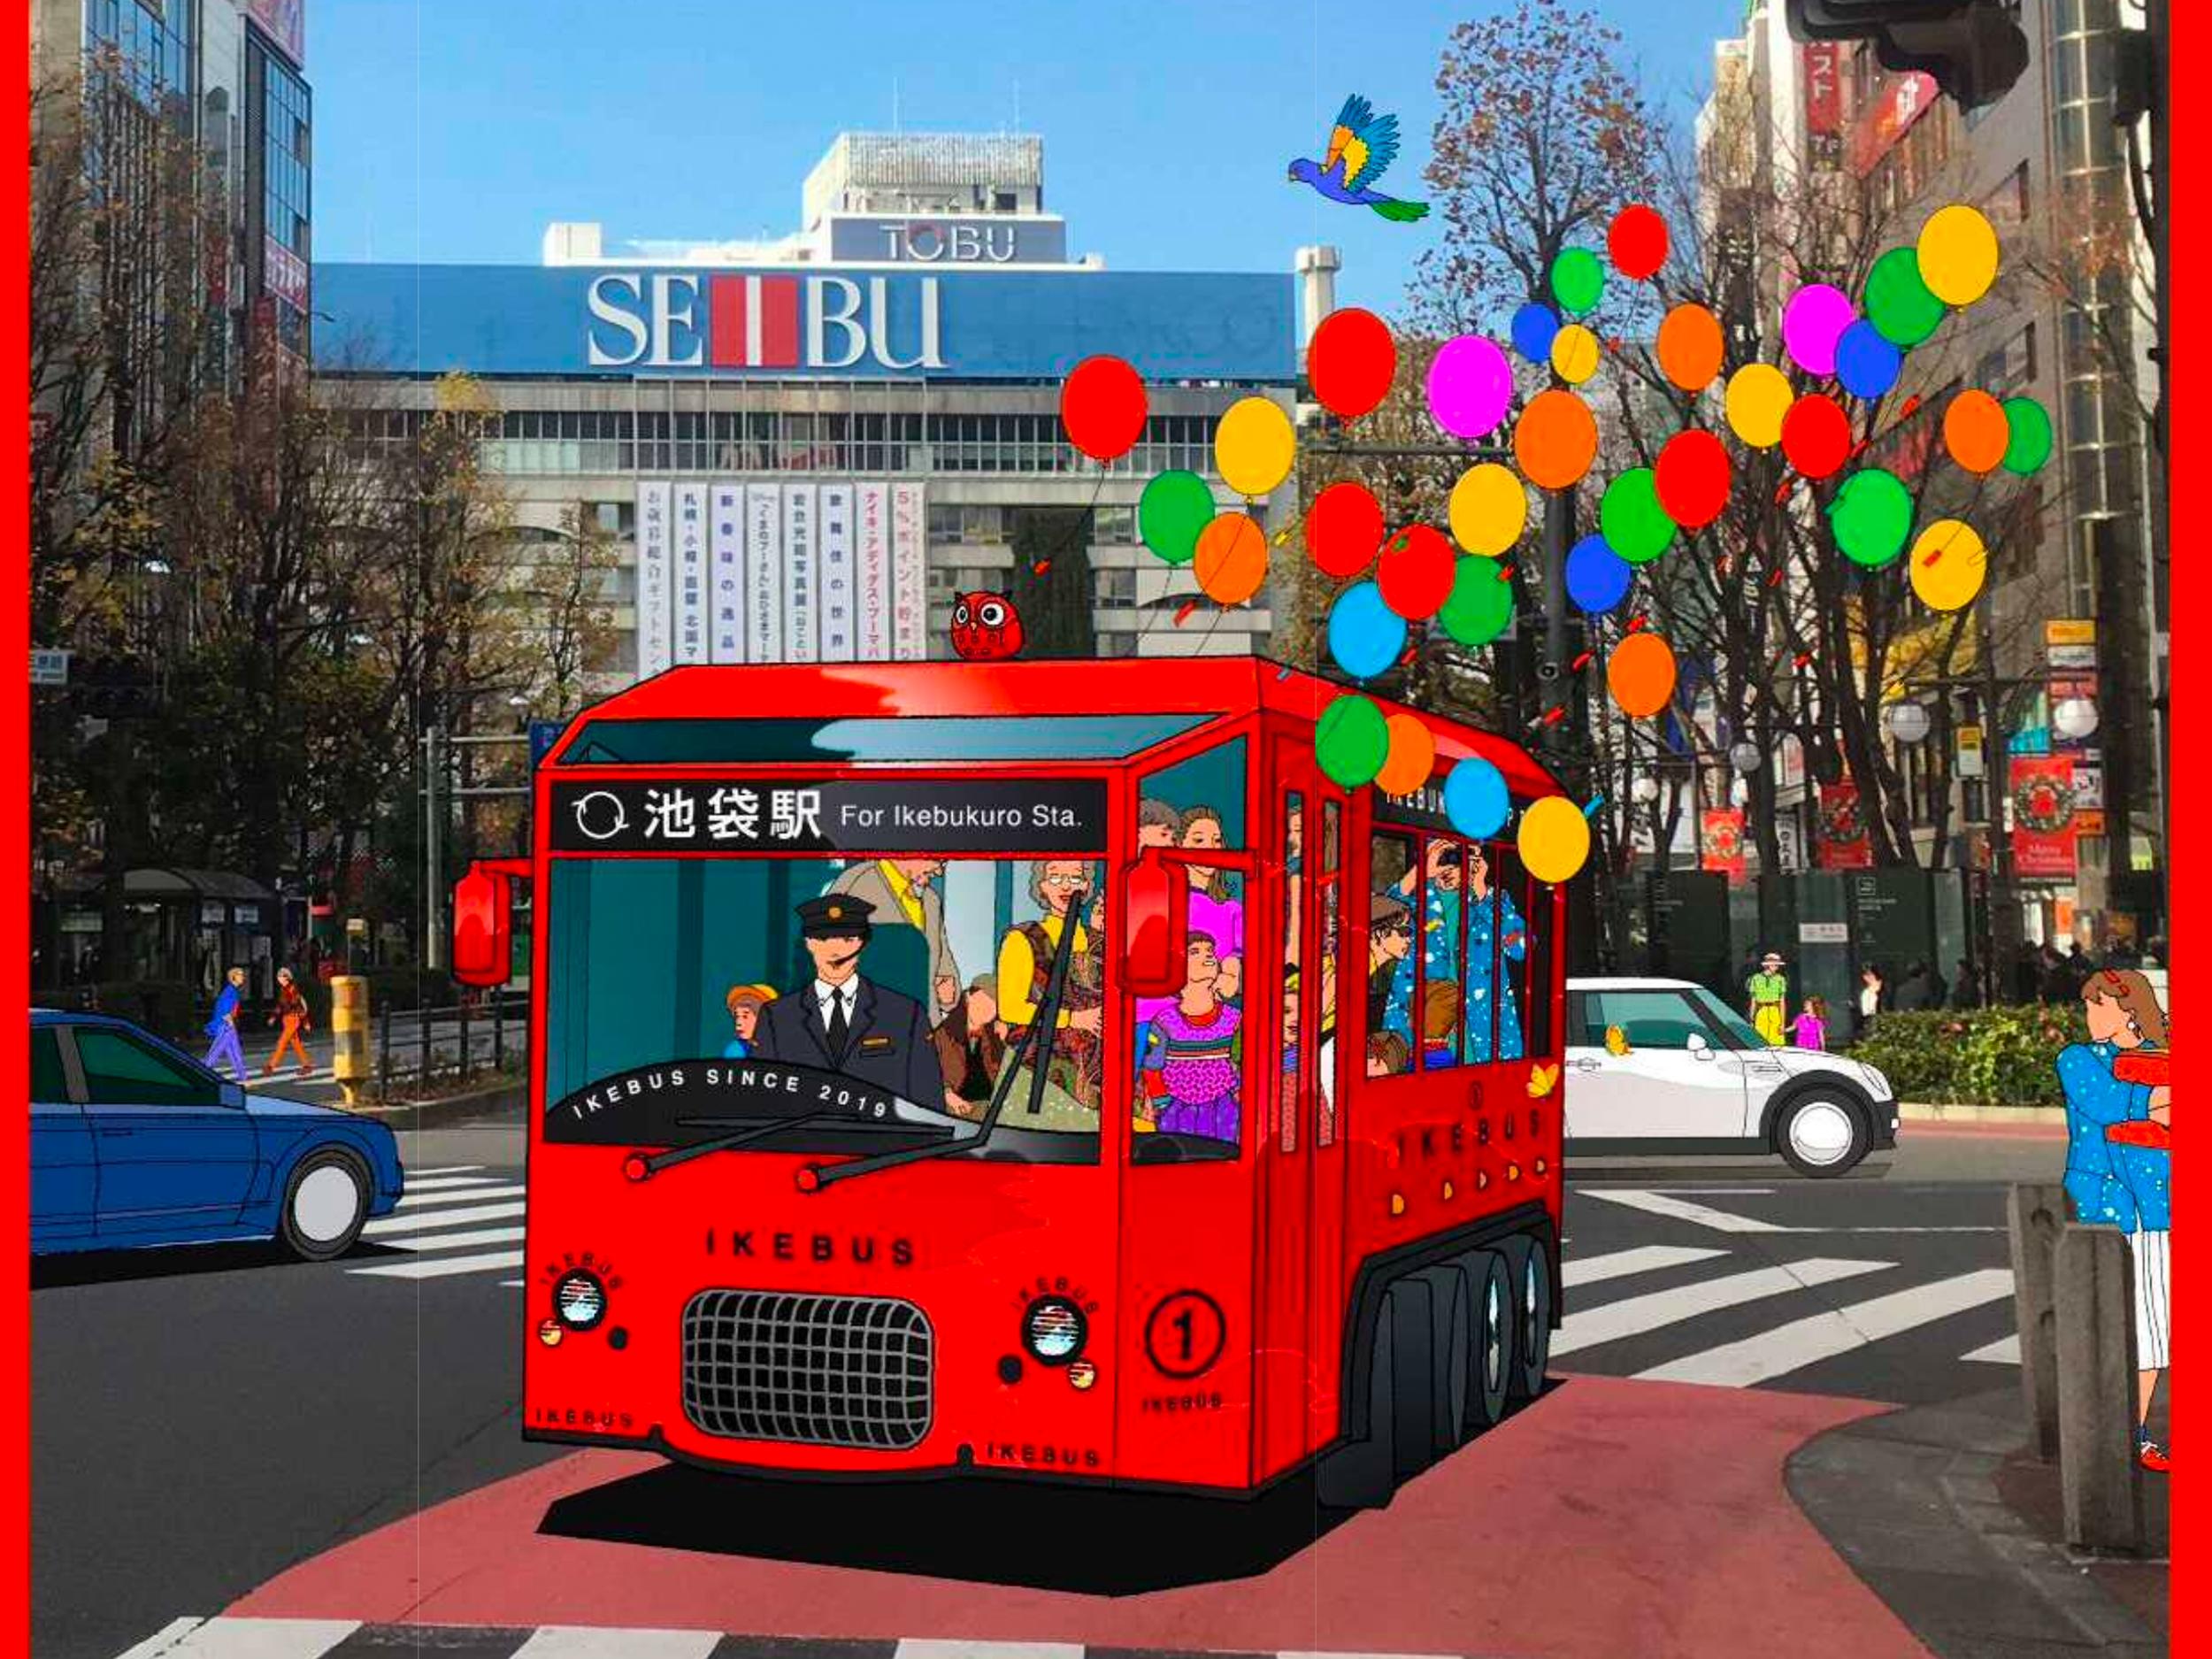 【池袋駅】2019年池袋で走る電気バスのデザイン案発表!池袋の西と東をつなぐバスが走るよ。